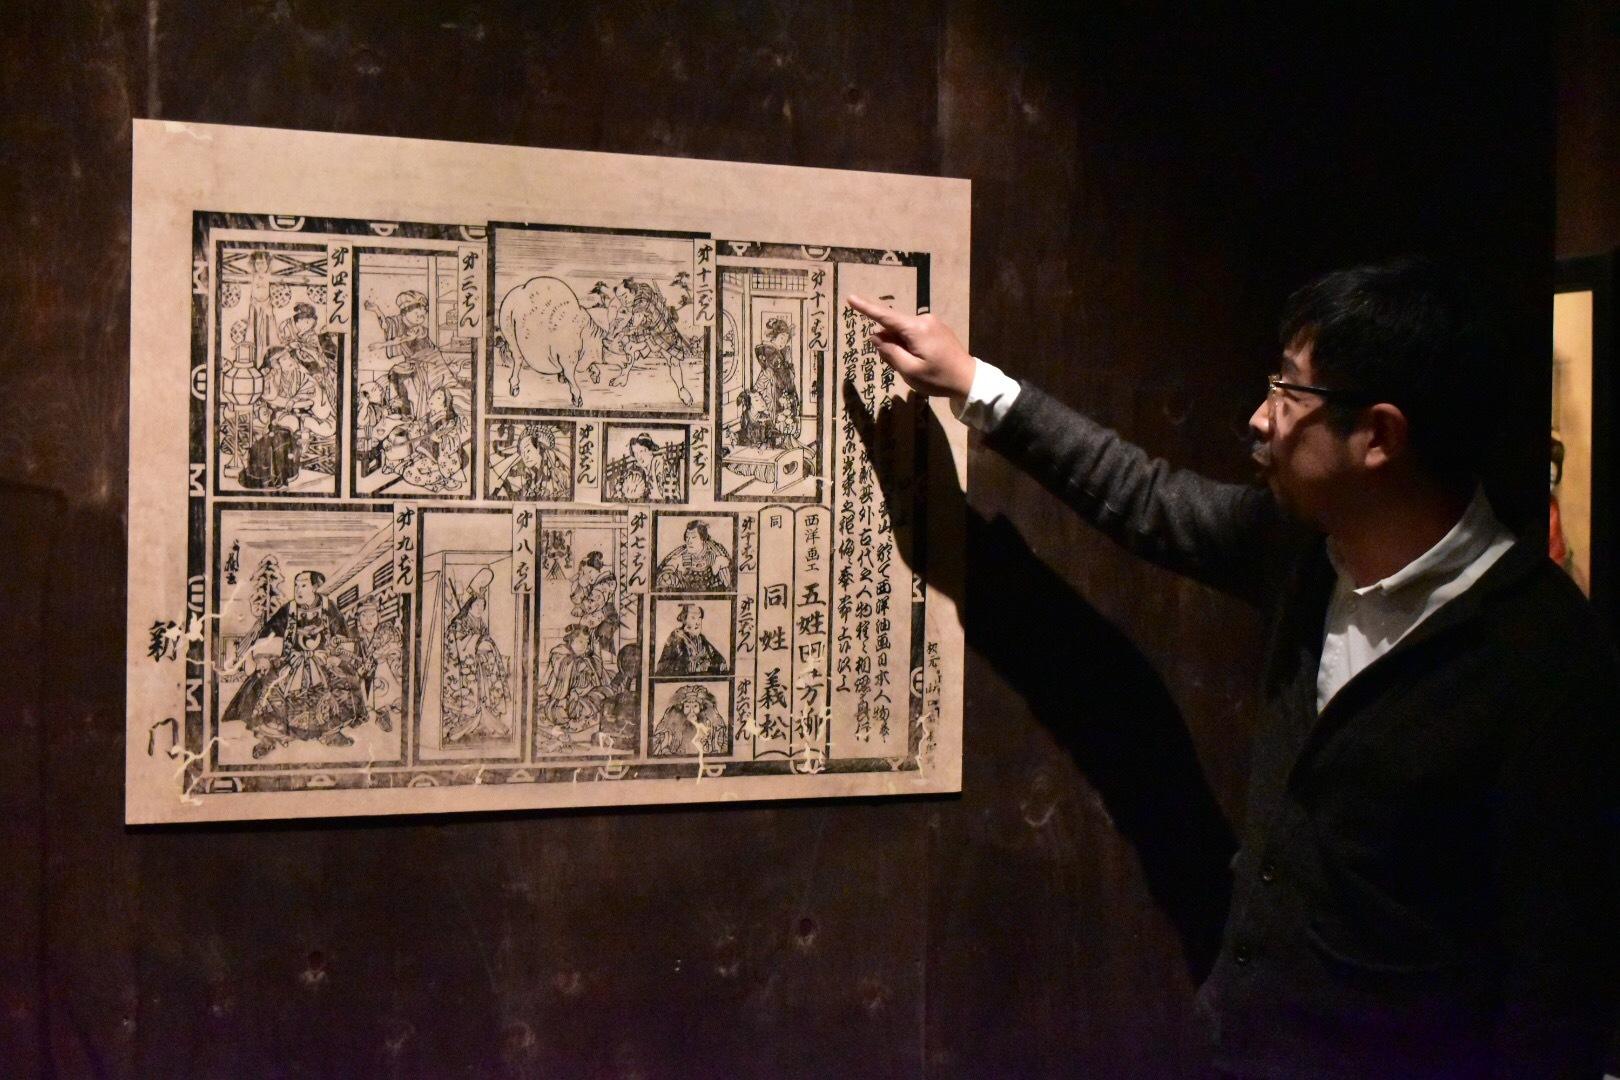 油絵茶屋引札(参考図版) 1874年(明治7年)